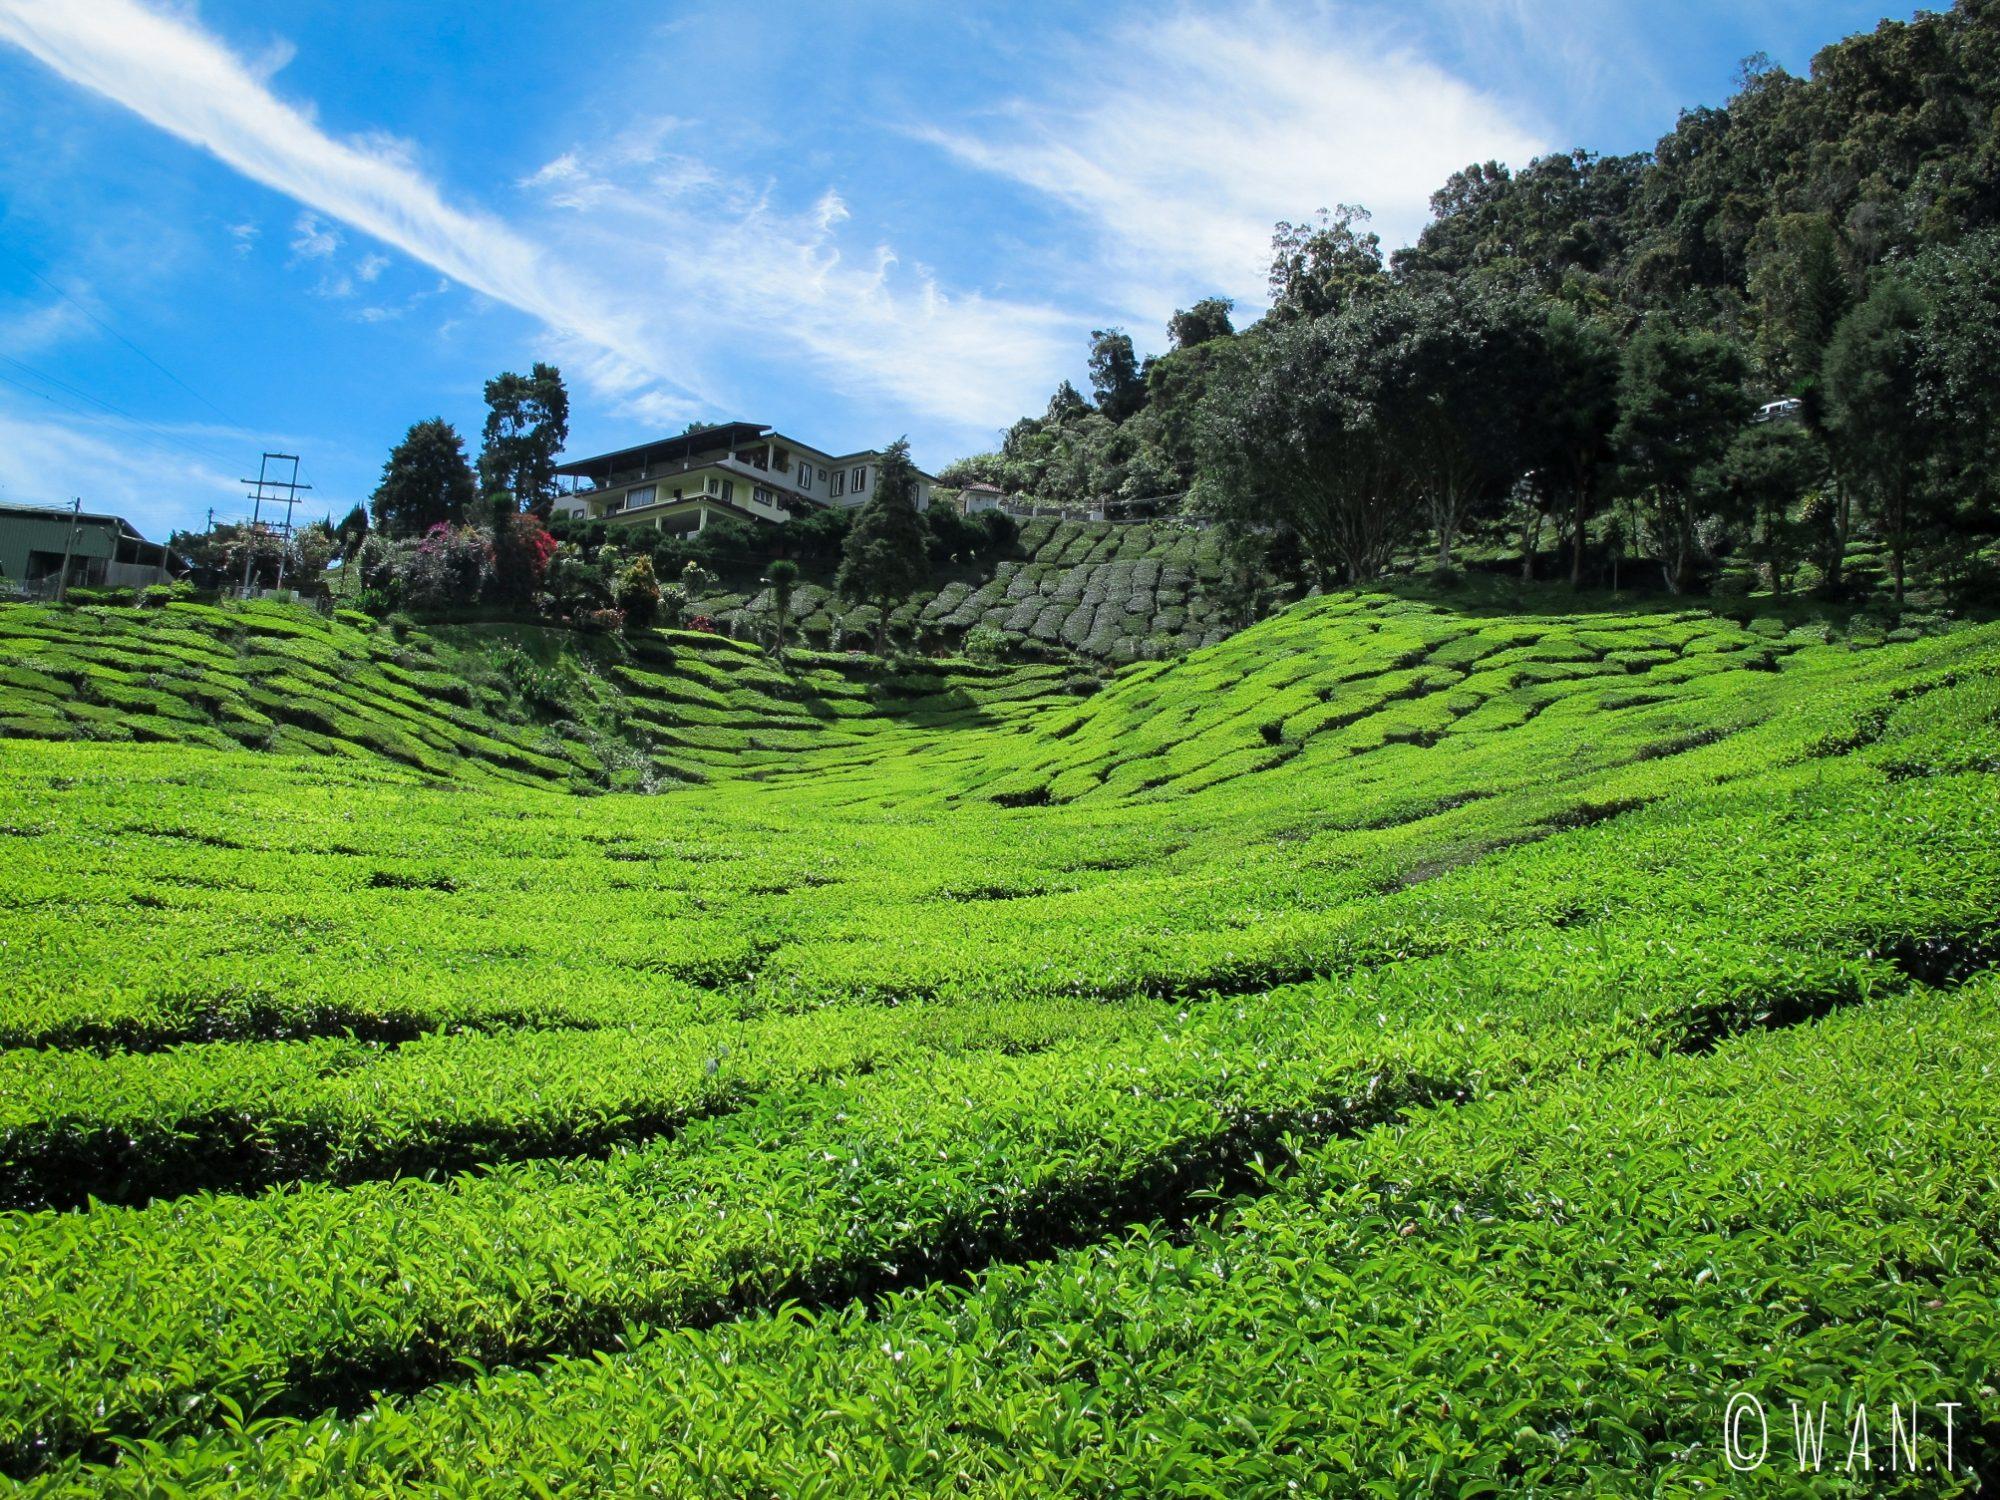 Le soleil donne une couleur verte éclatante aux plants de thé des Cameron Highlands